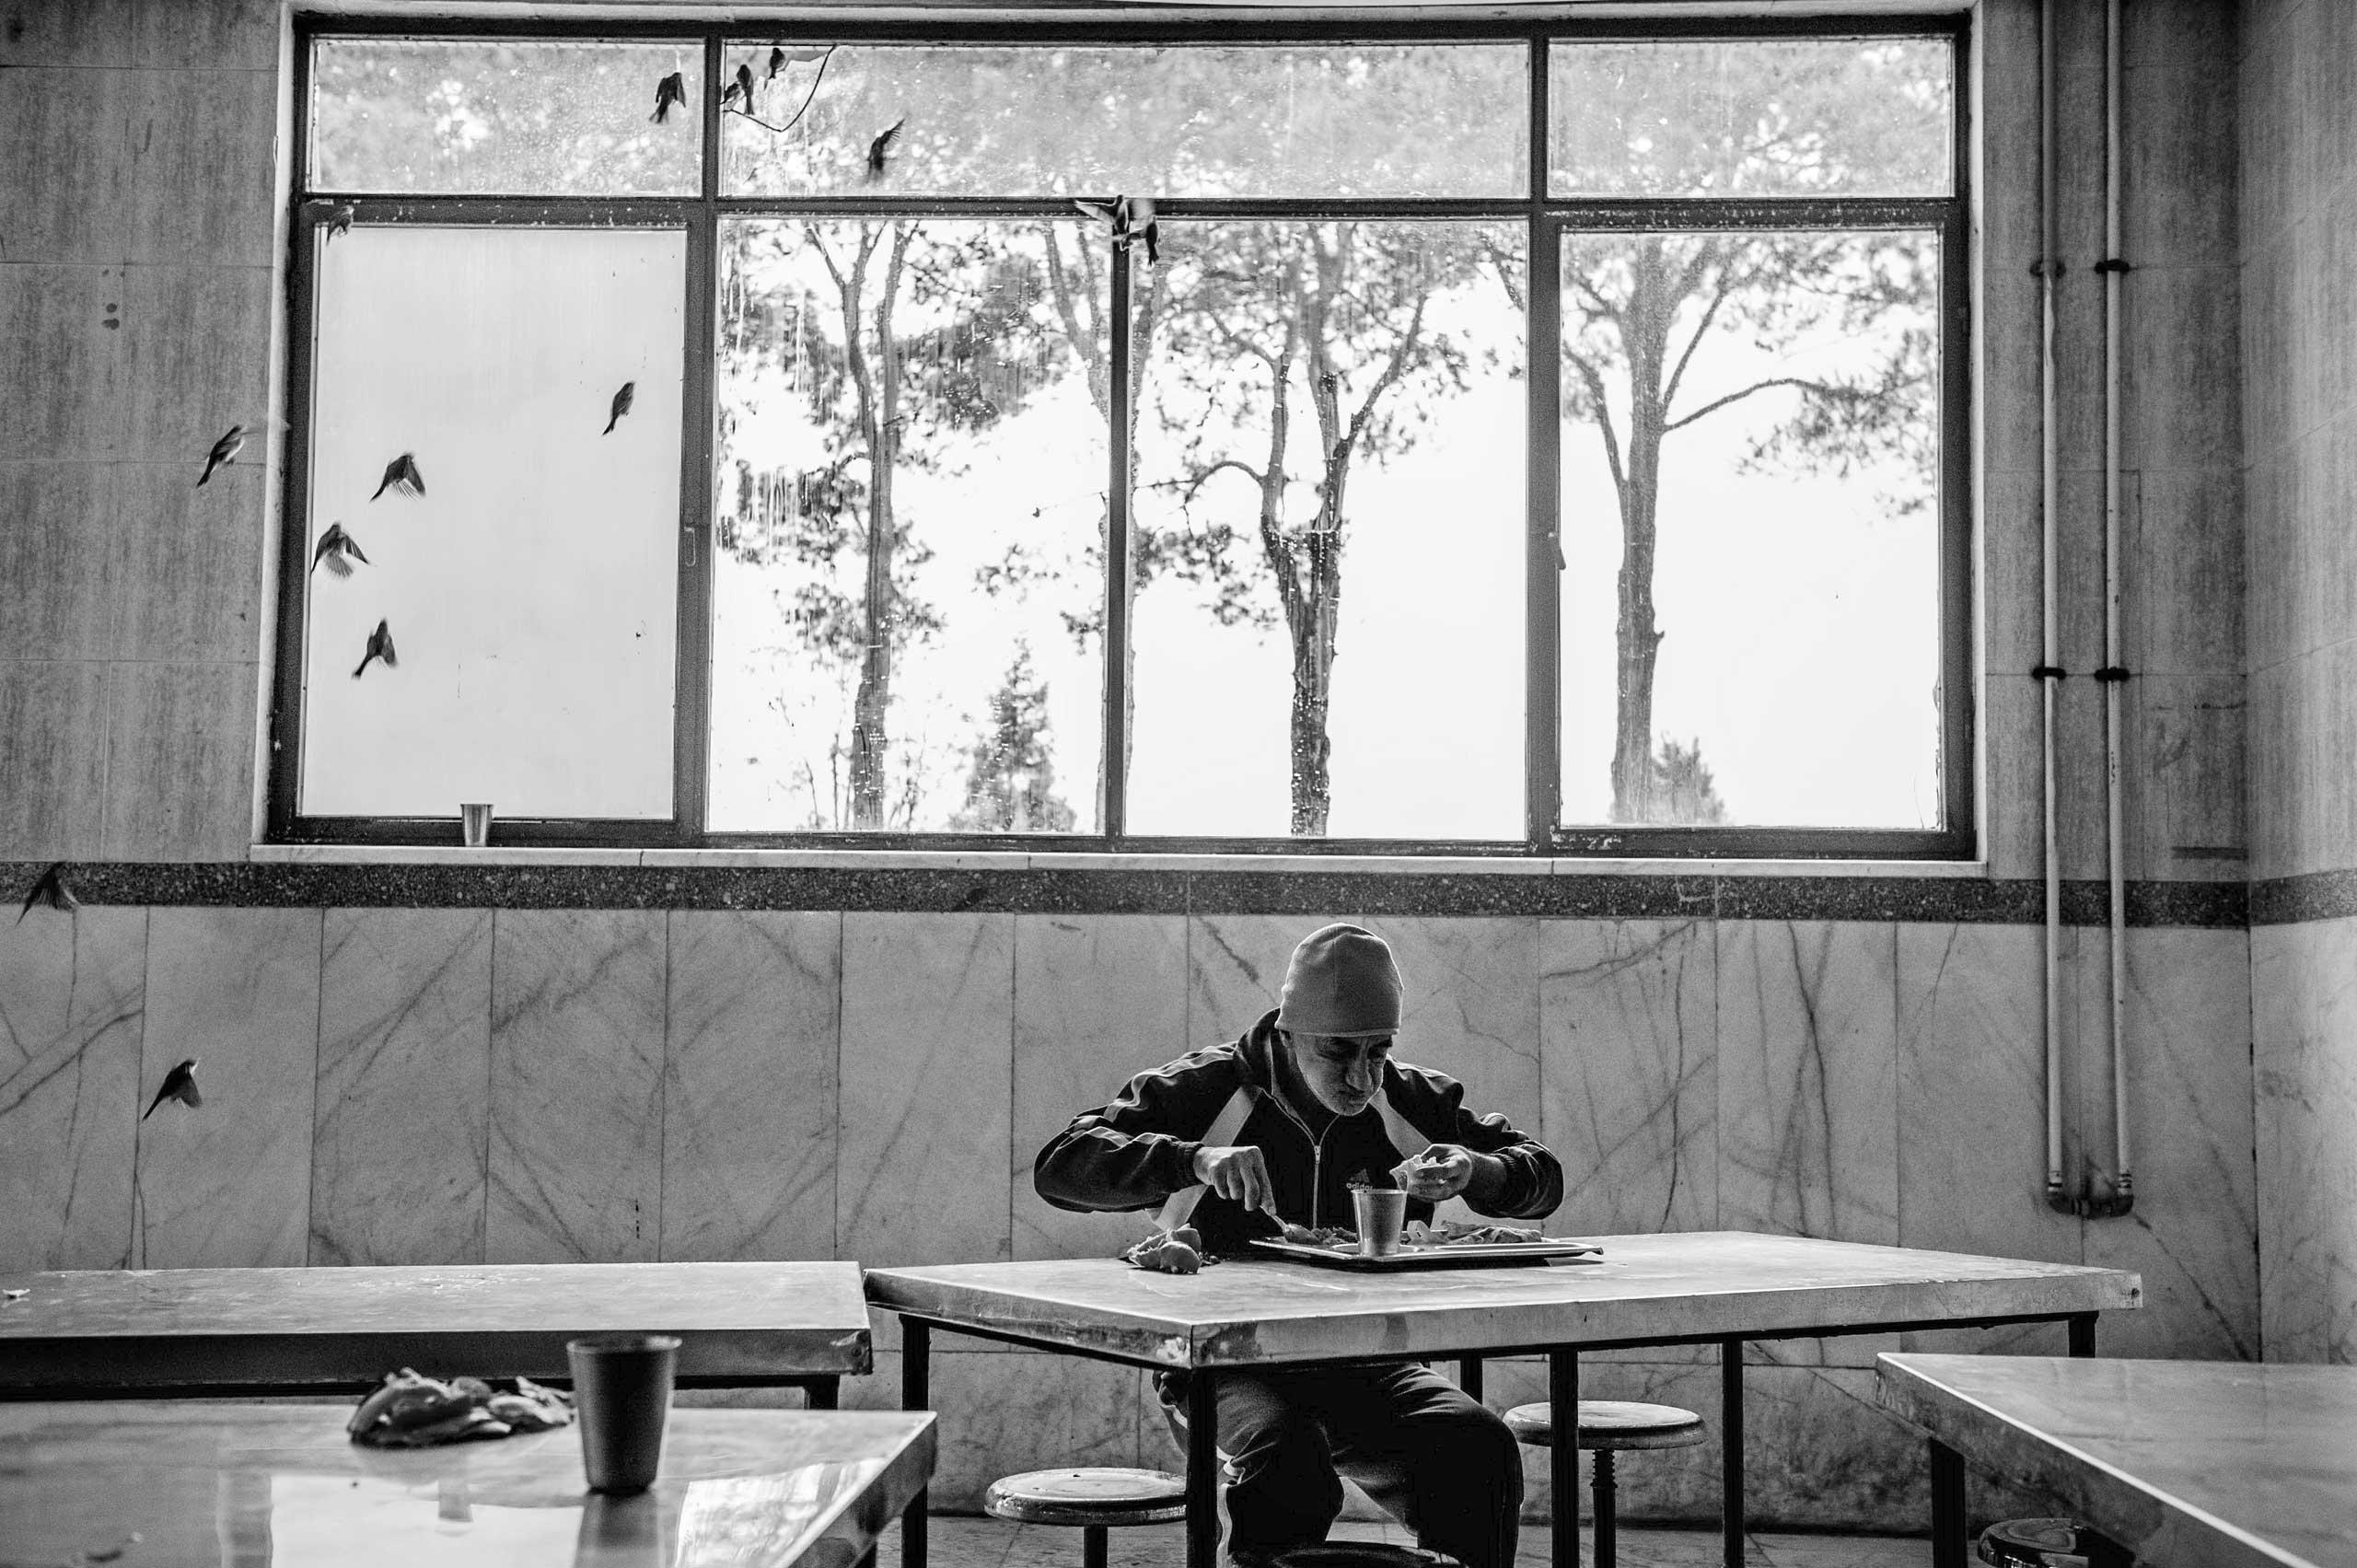 A man eats lunch.